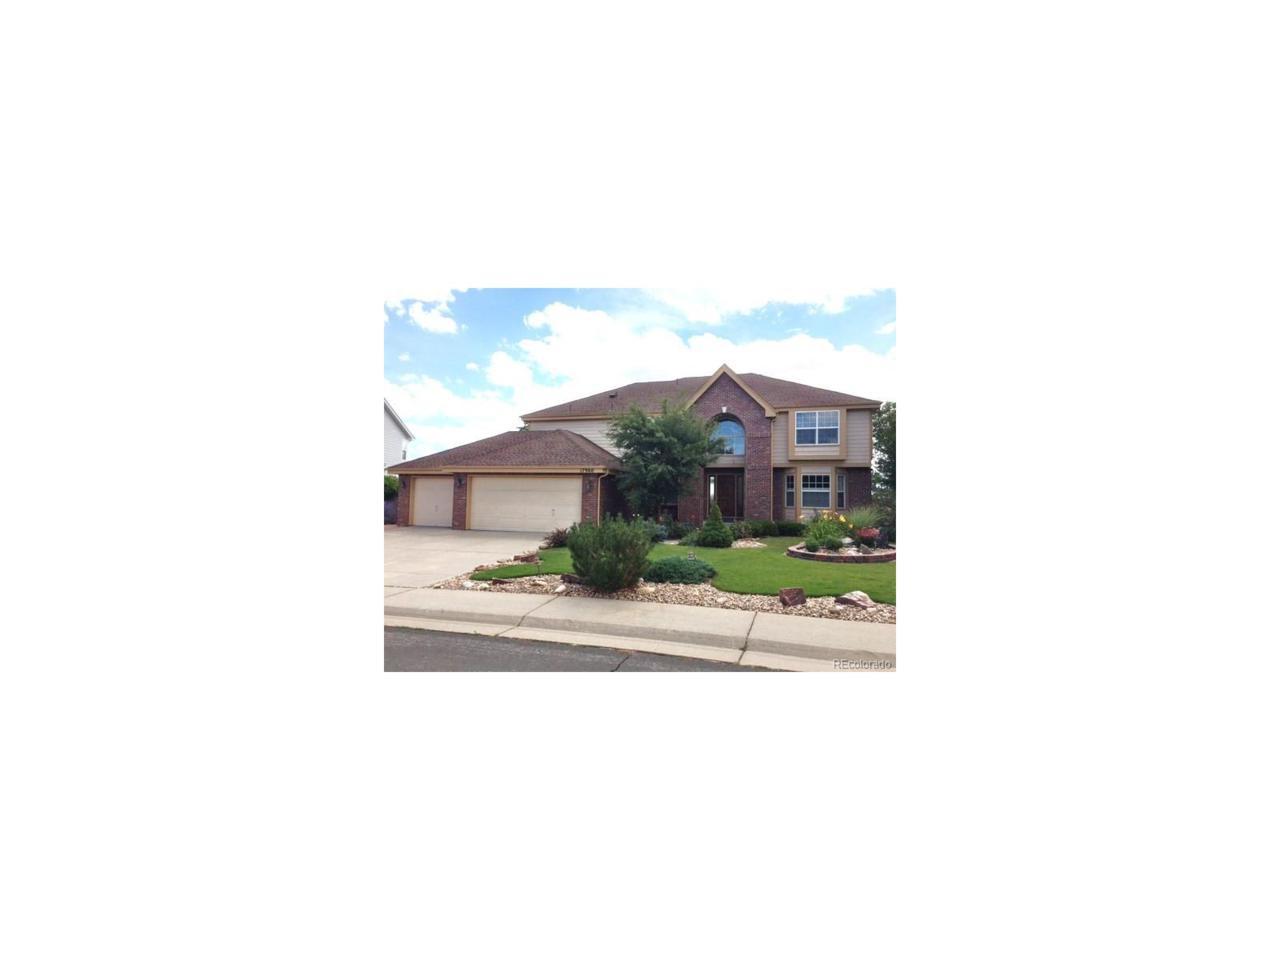 17960 E Dorado Drive, Centennial, CO 80015 (MLS #5716625) :: 8z Real Estate